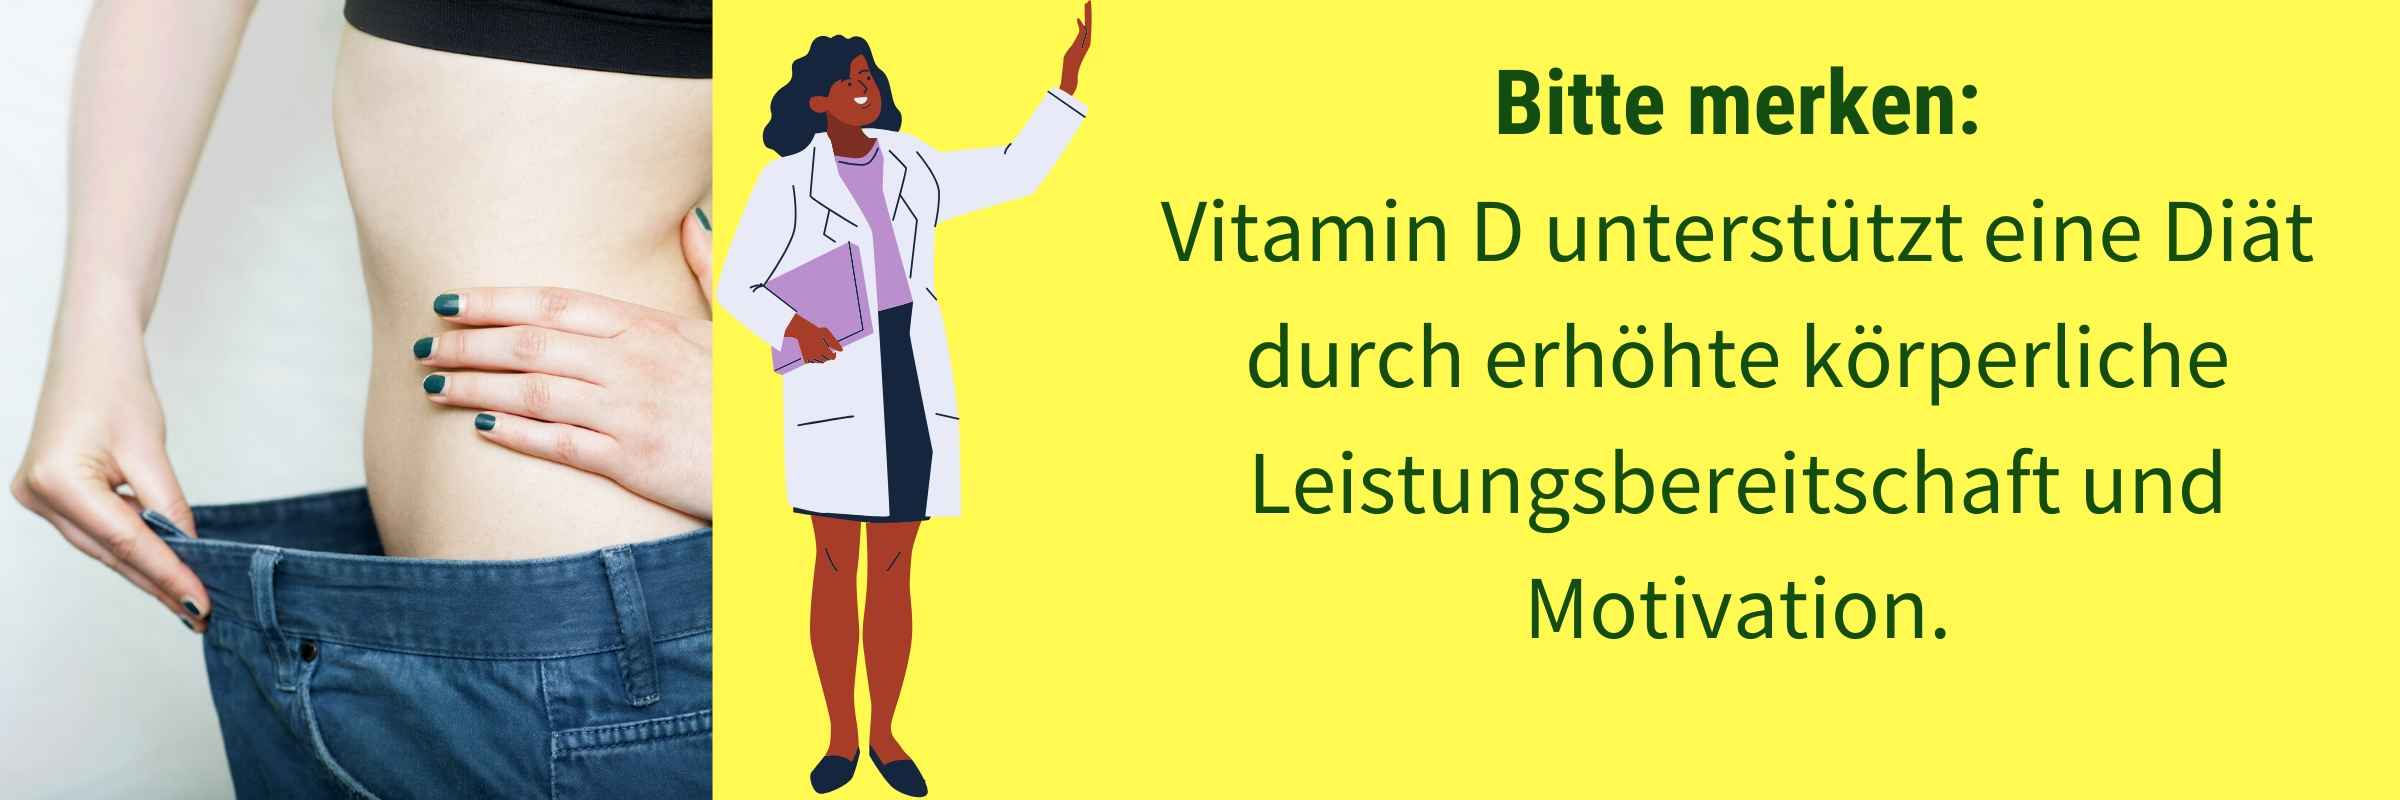 Vitamin D unterstützt Diaet